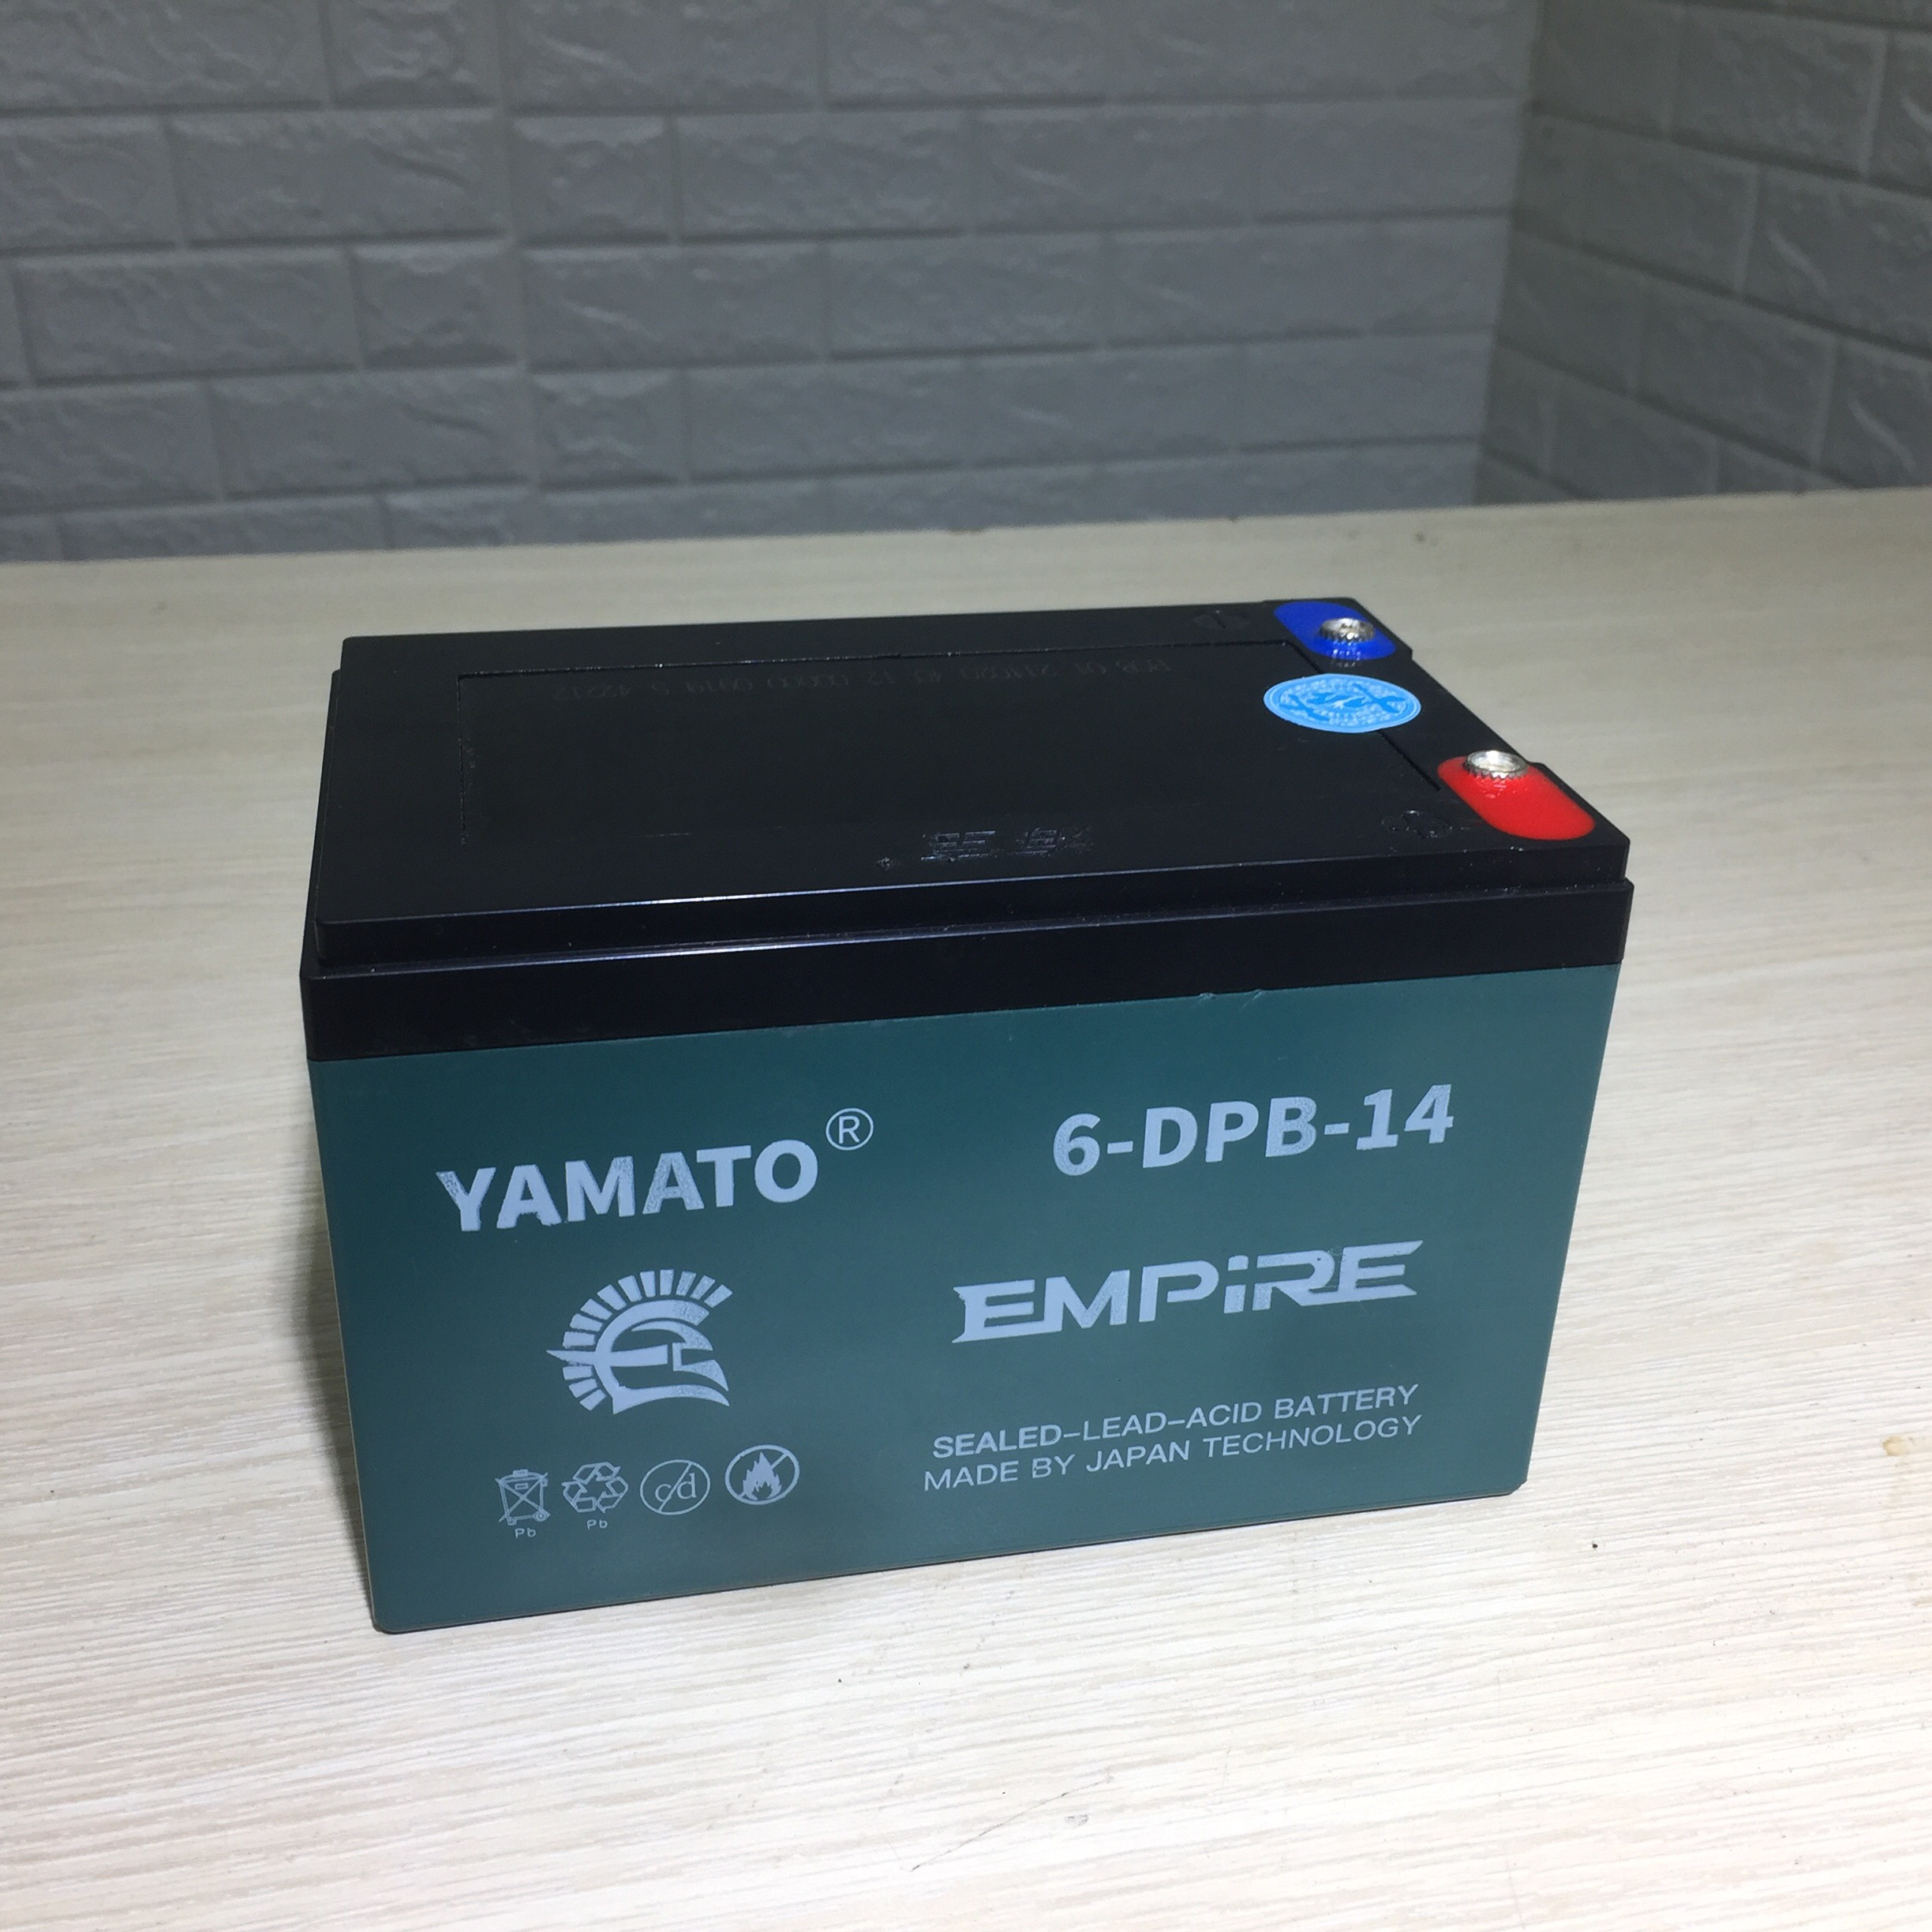 Ắc quy xe đạp điện Yamato 6-DPB - 14 (12V - 14Ah)